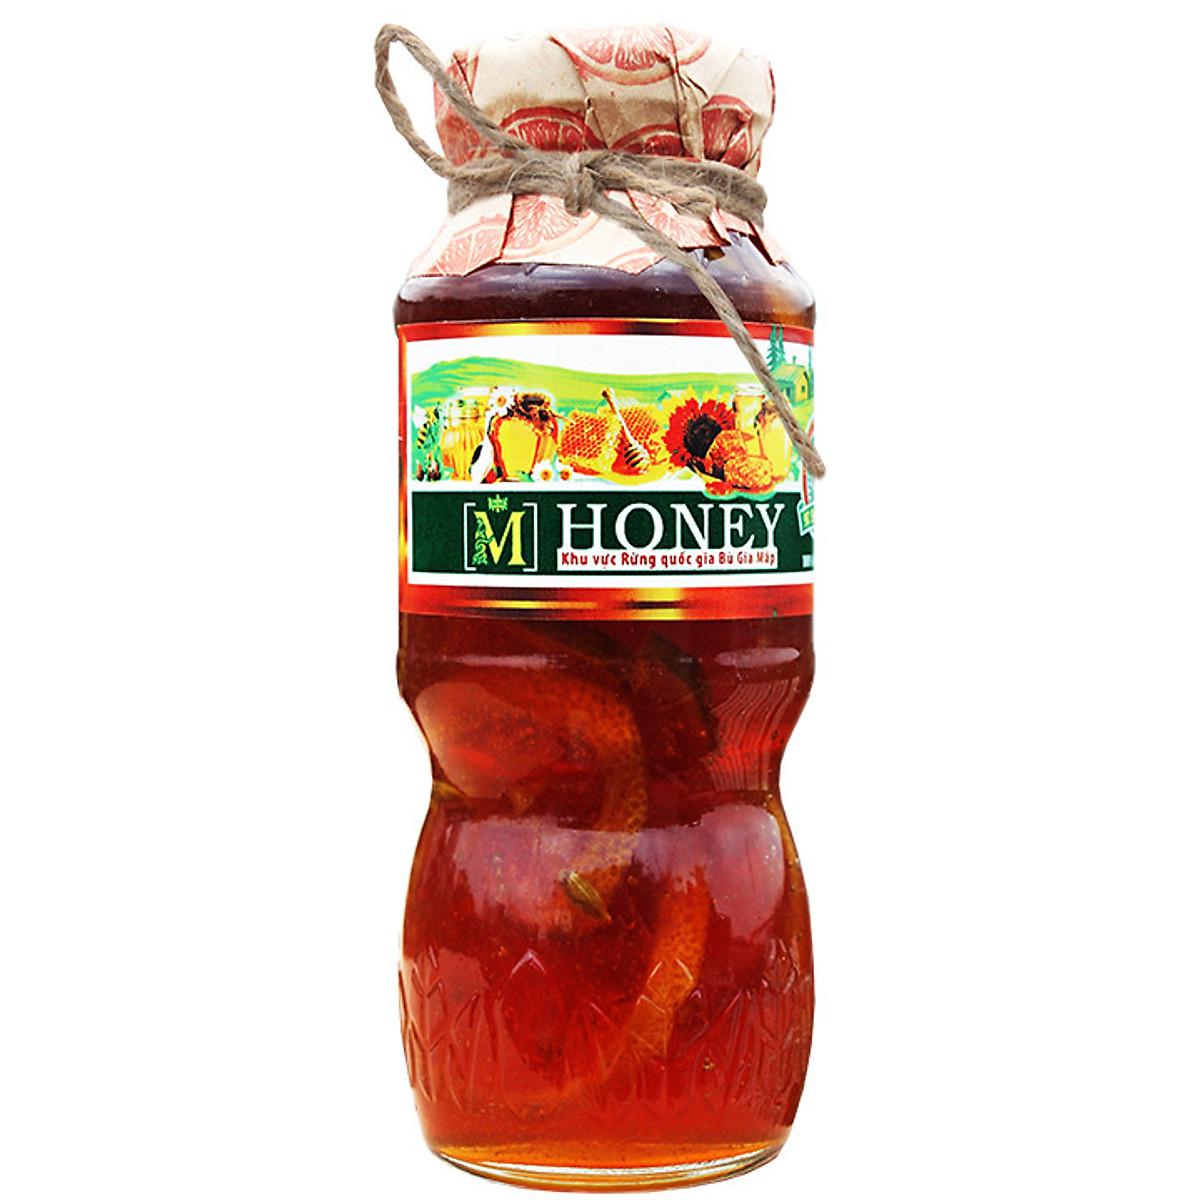 Mật ong chanh đào - Trị ho, giảm cân, đẹp da - 200ml, chai thủy tinh cao cấp sang trọng